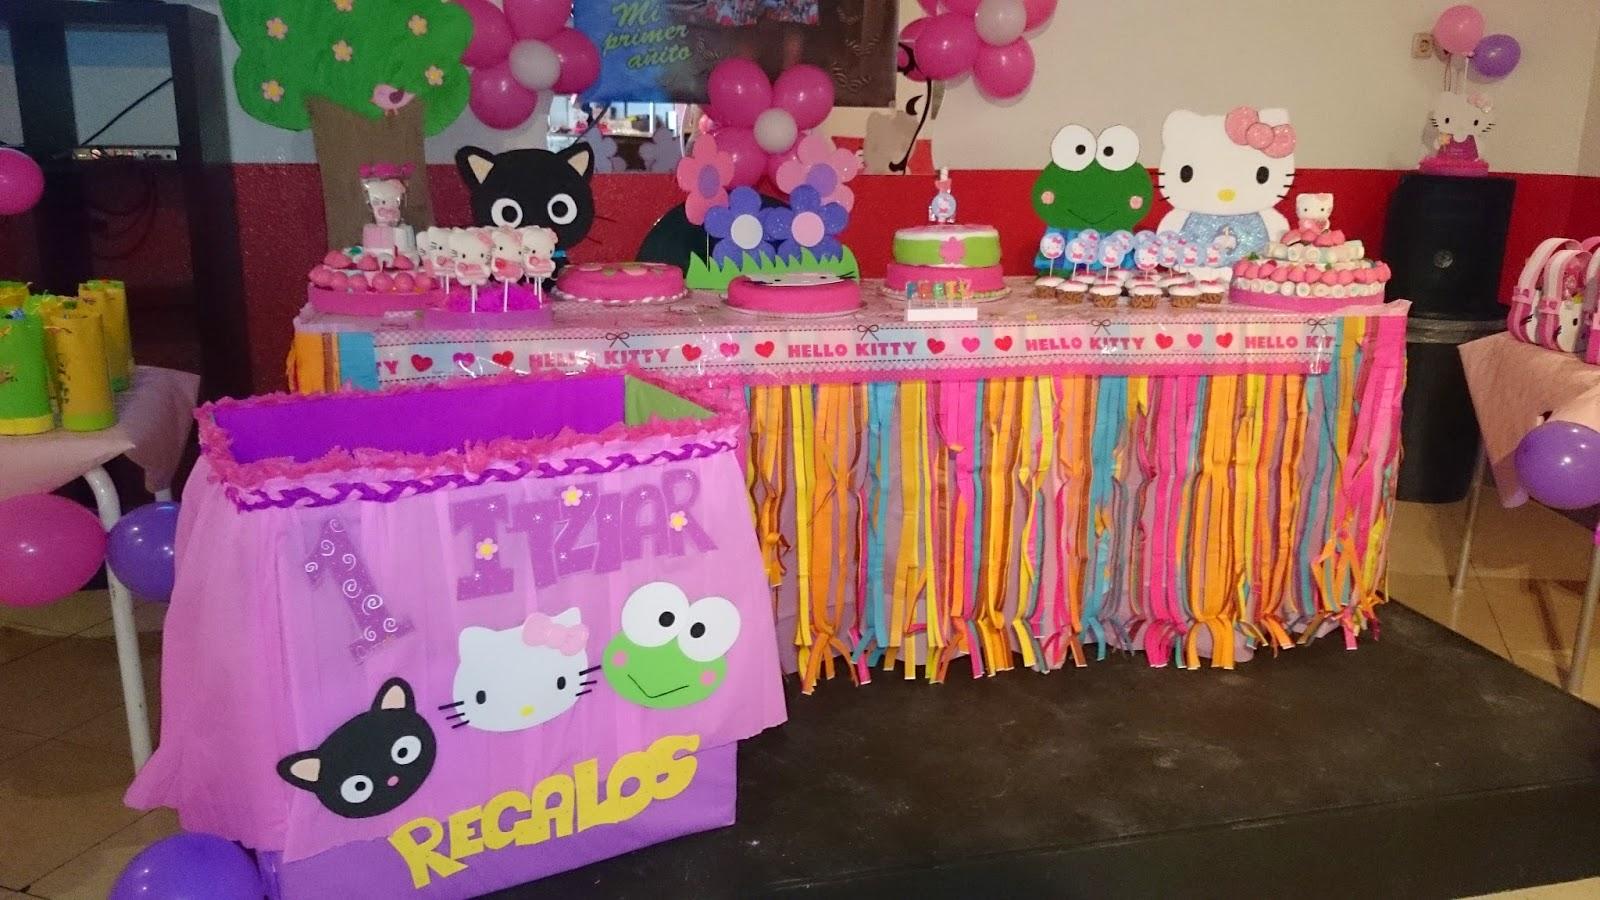 Creaciones ymc decoraci n de fiesta infantil de hello kitty for Regalos para fiestas de cumpleanos infantiles